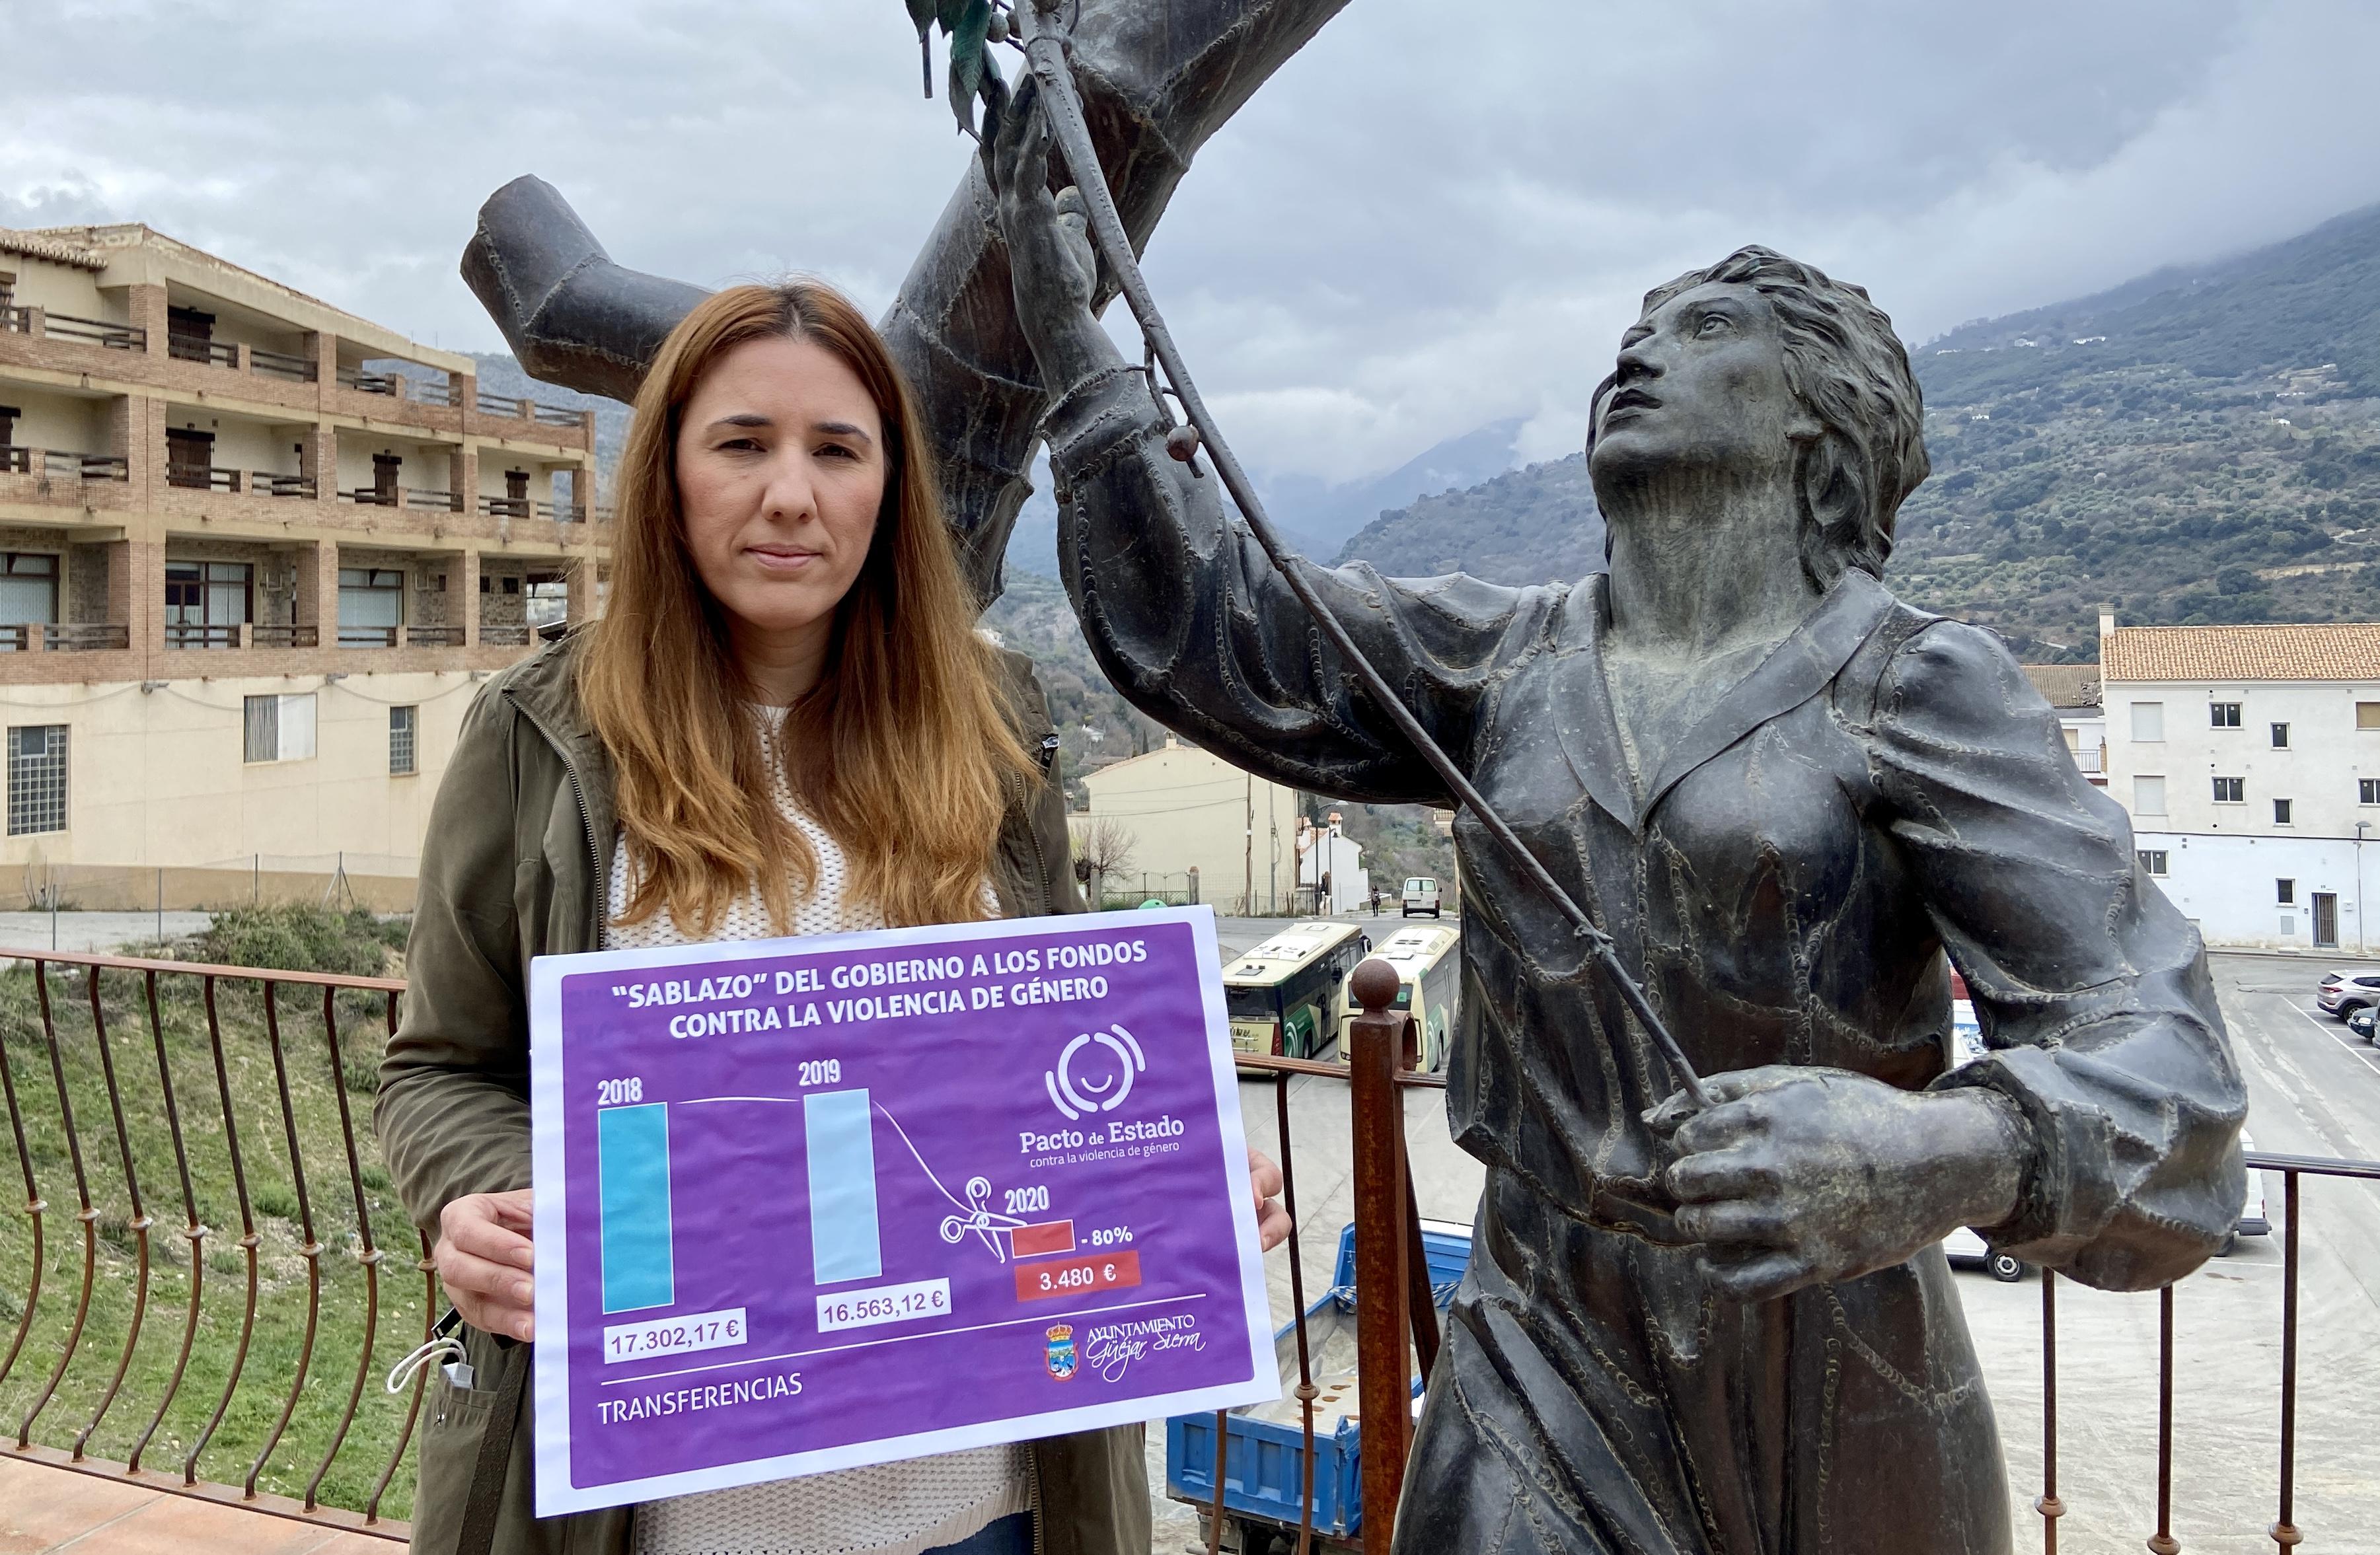 Güejar Sierra denuncia un recorte del 80% en los fondos destinados a la lucha contra la violencia de género